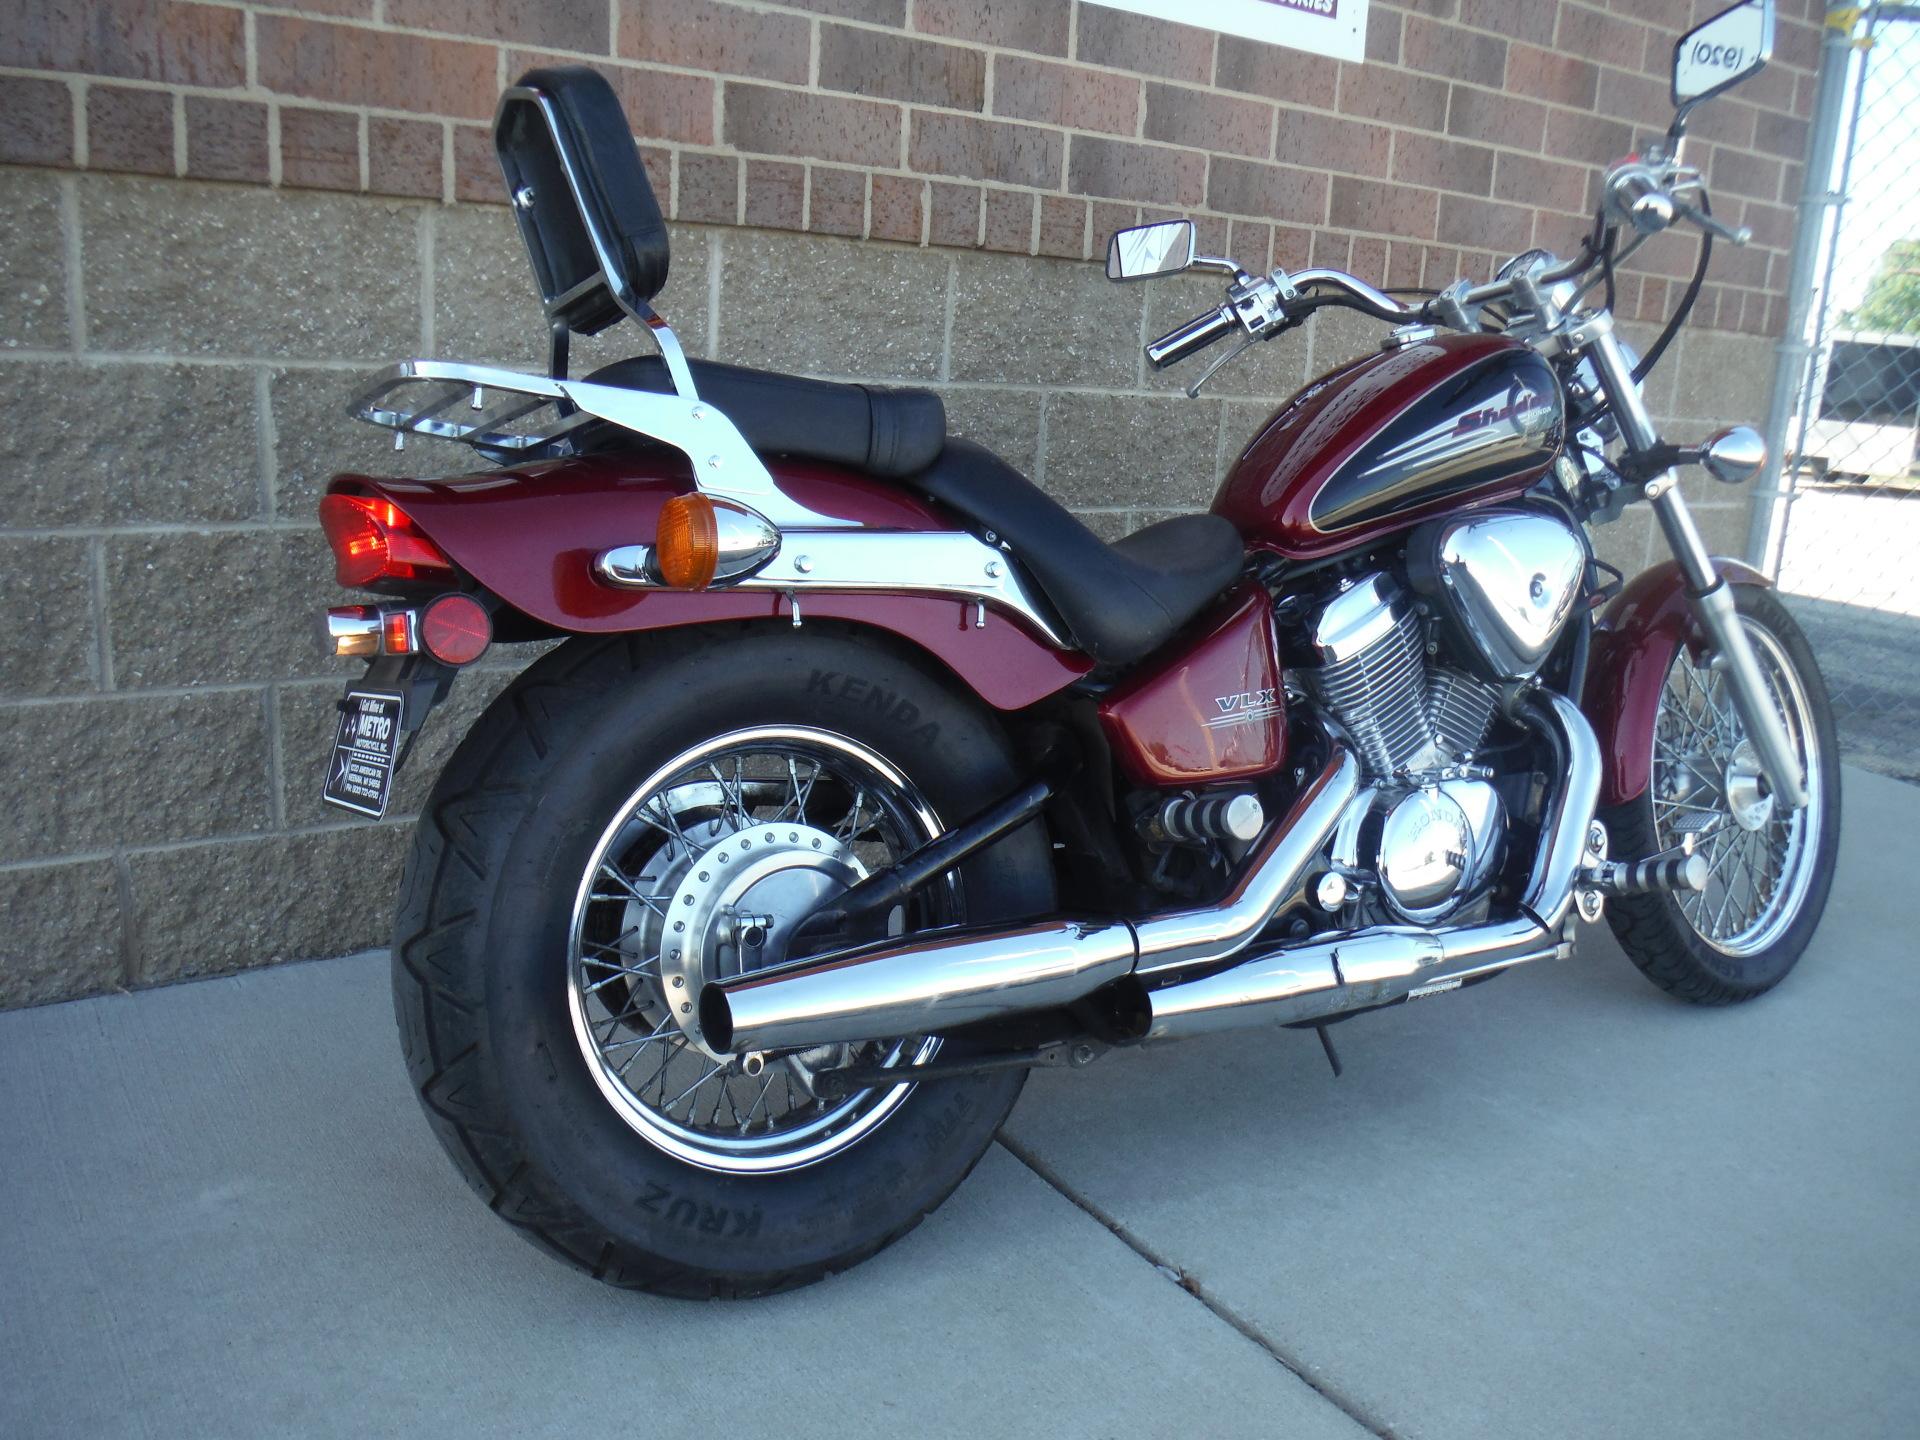 2000 Honda VT600 Shadow